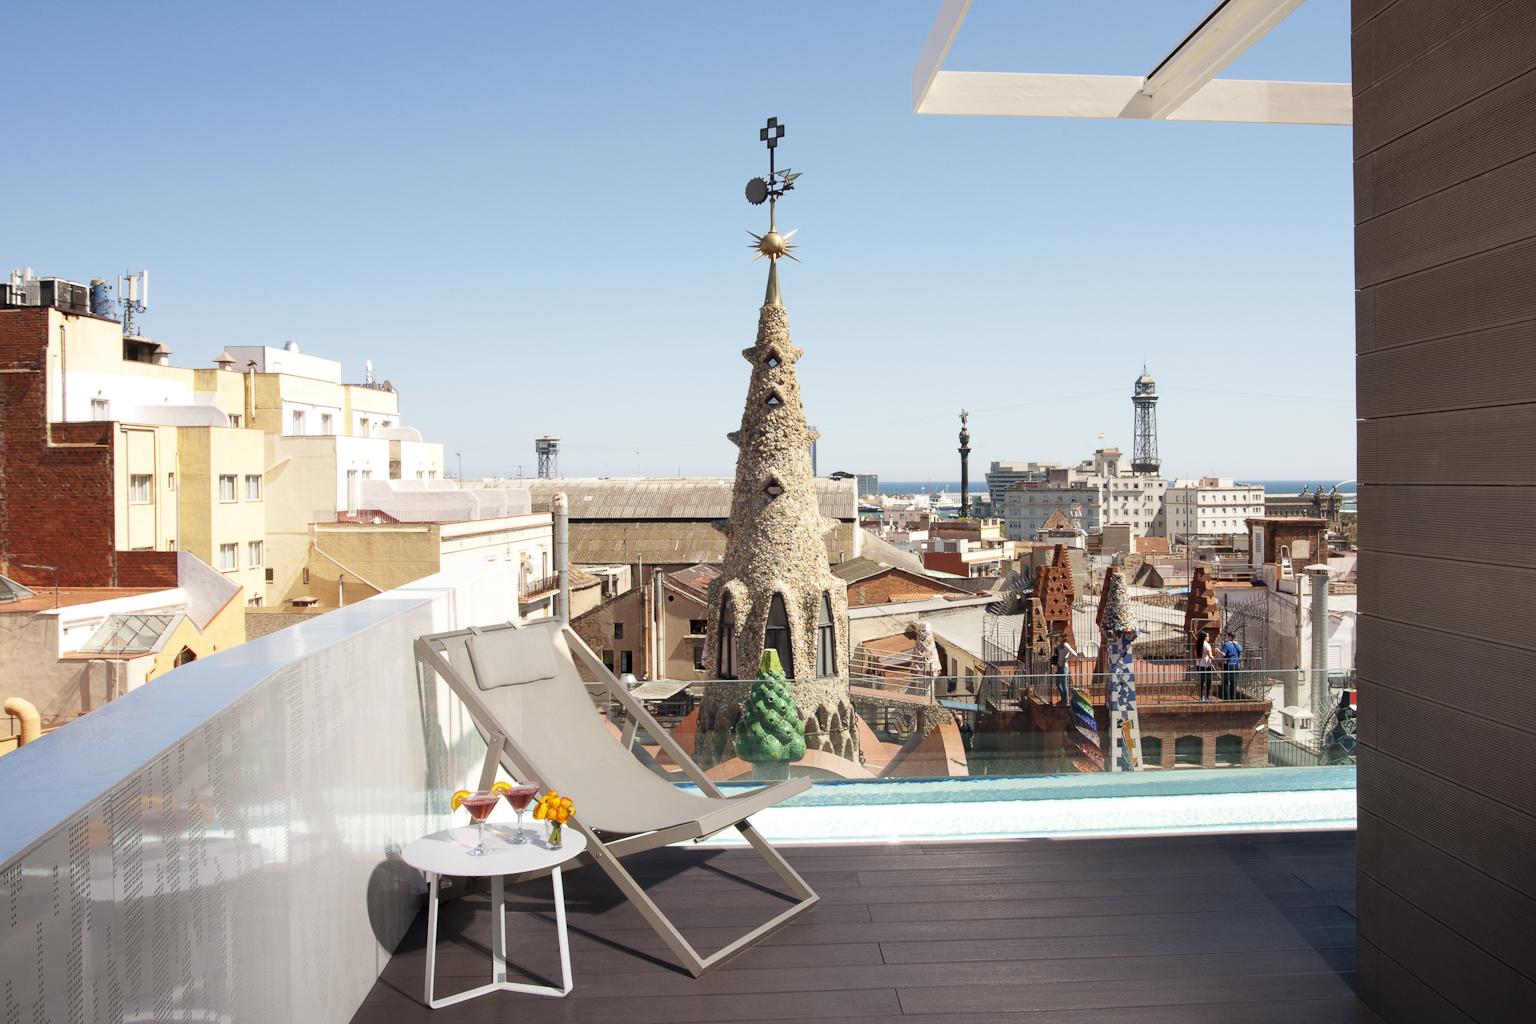 Servizi terrazza solarium panoramica hotel barcellona for Hotel barcellona centro